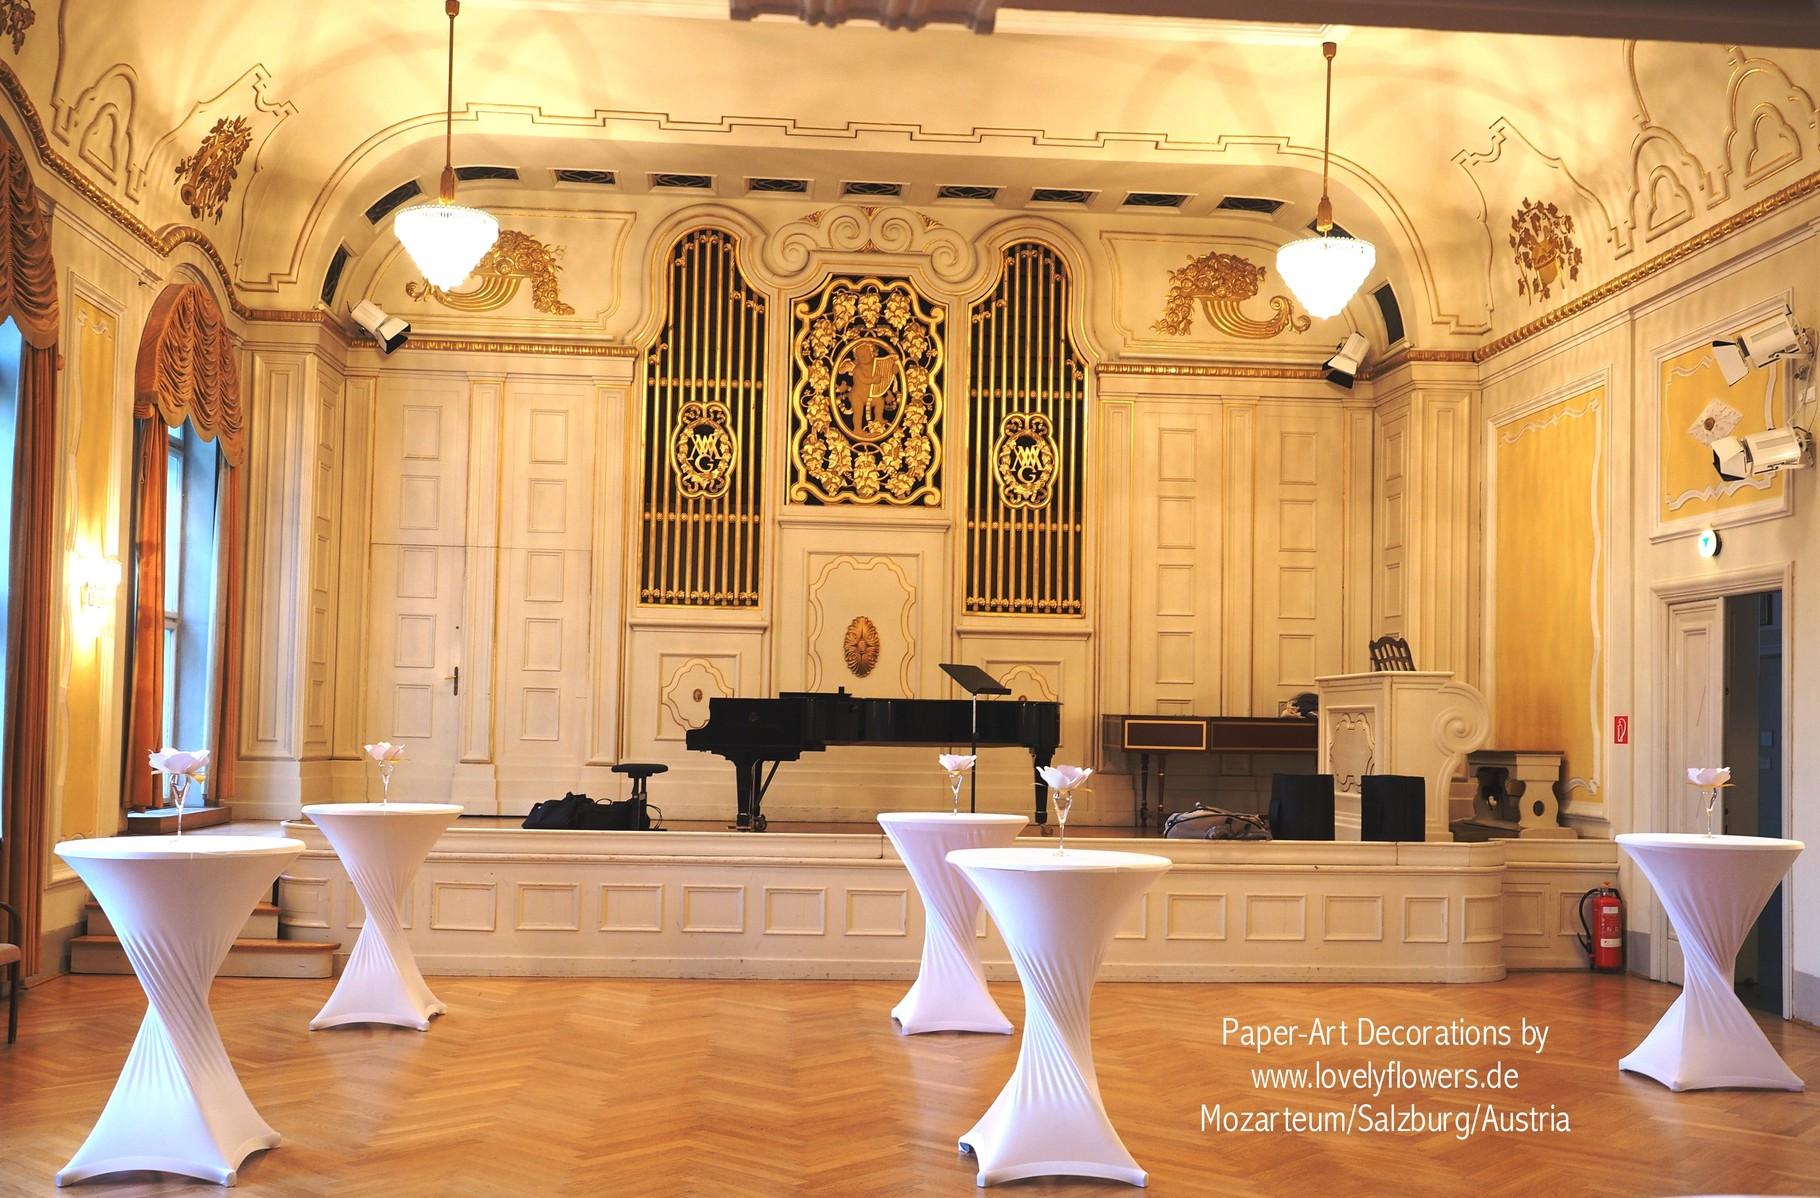 Paper-Art Stehtischdekoration von www.lovelyflowers.de zum Champagnerempfang im Mozarteum/Salzburg/Österreich